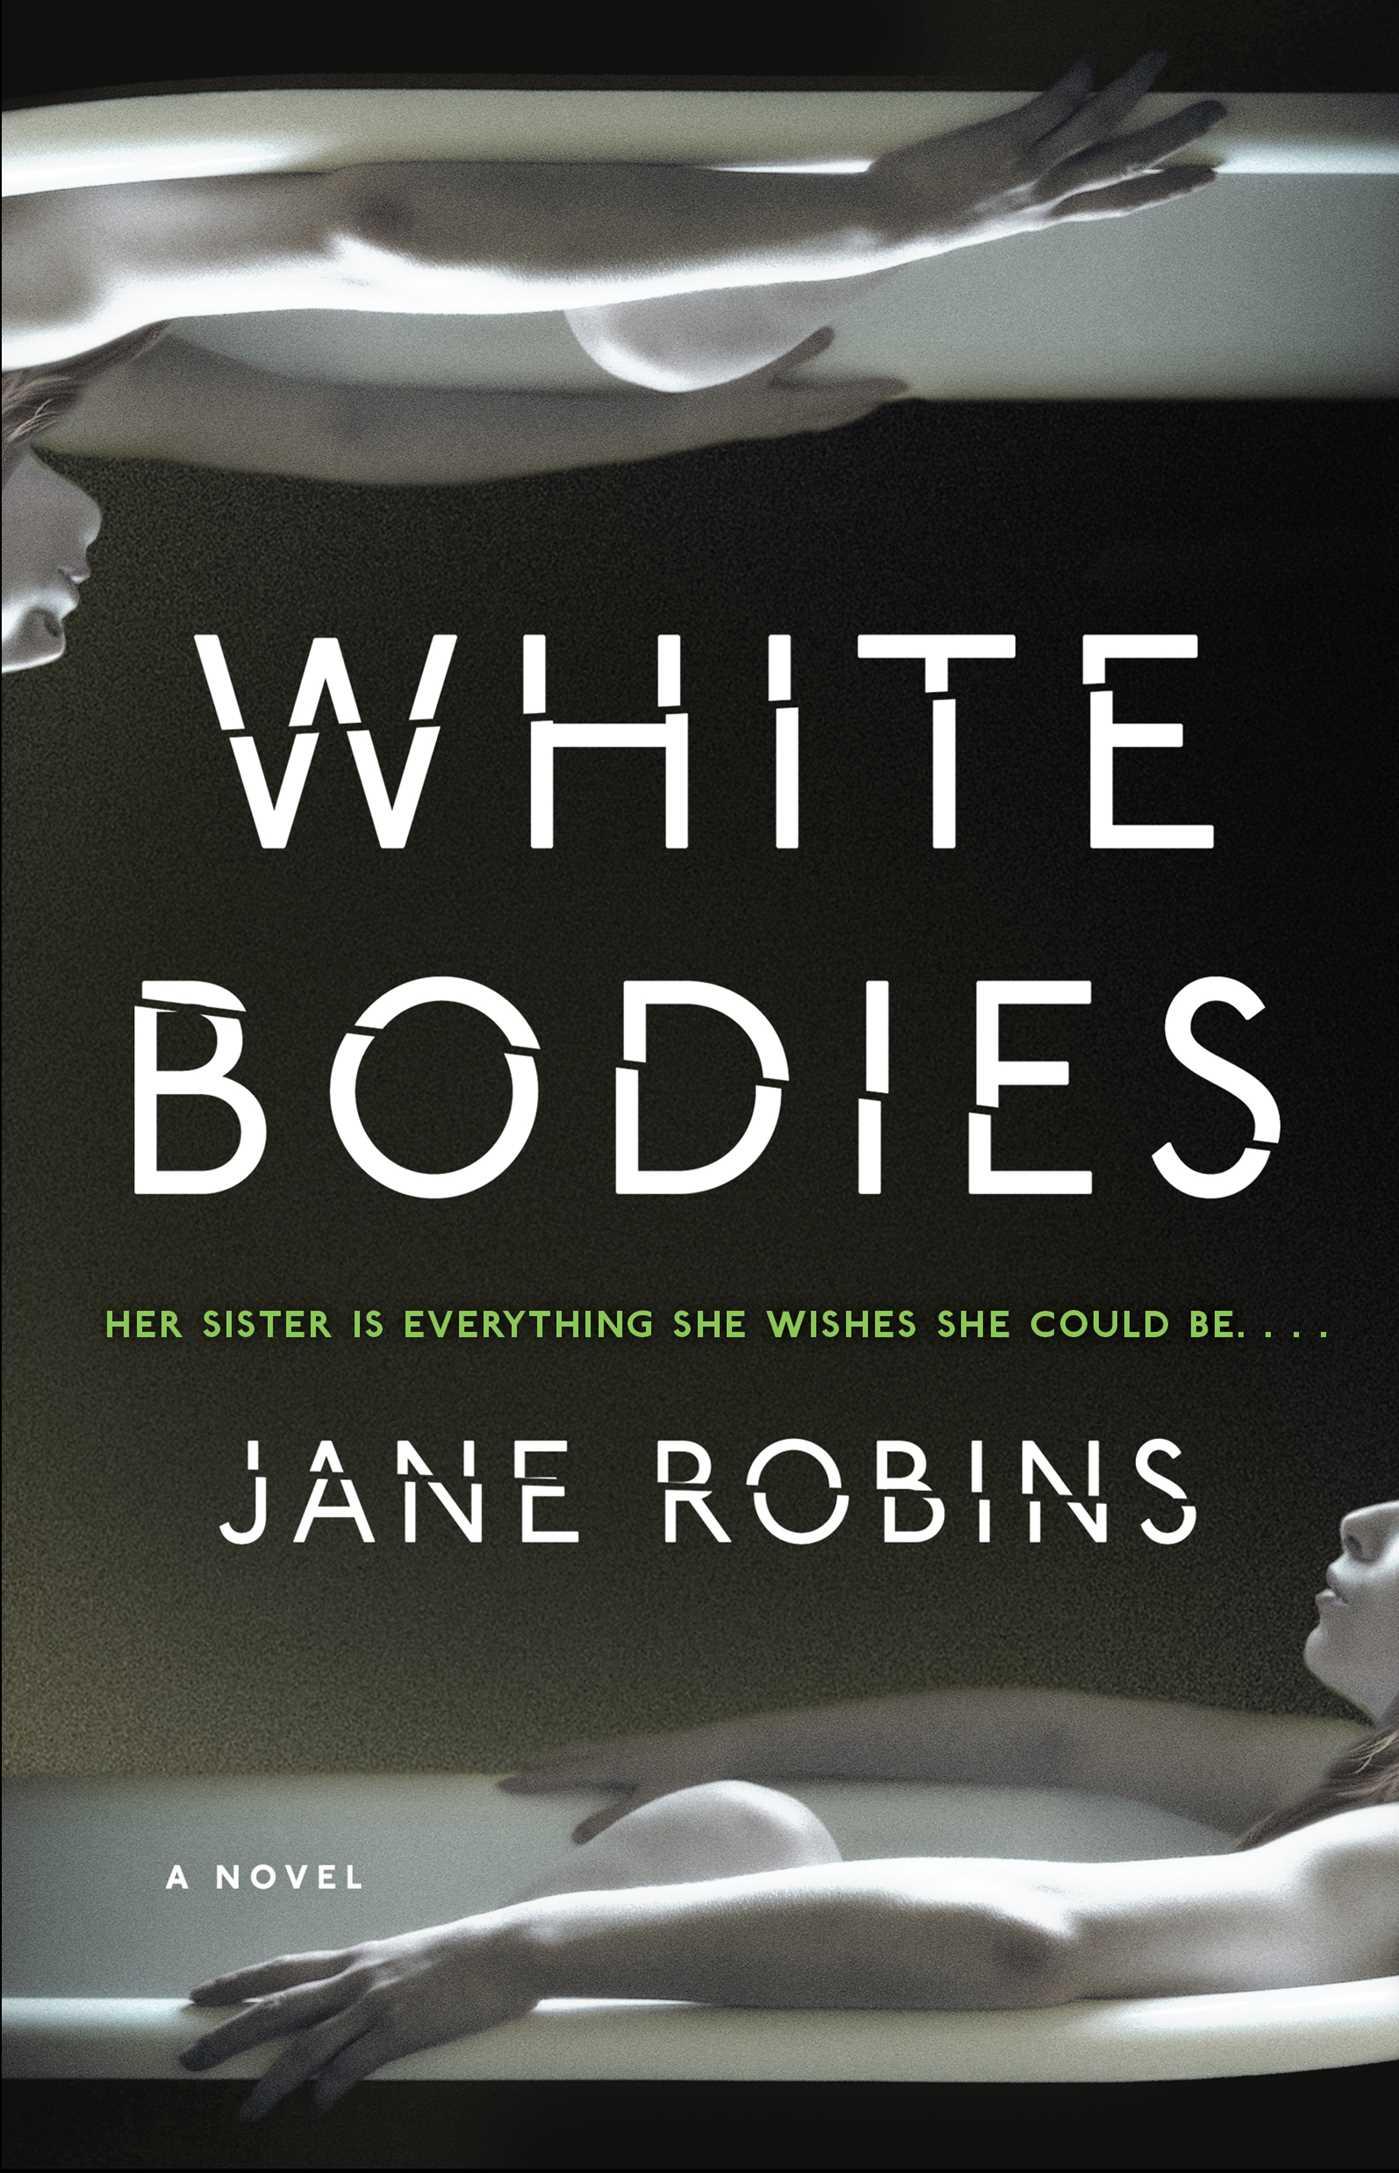 White bodies 9781501175749 hr